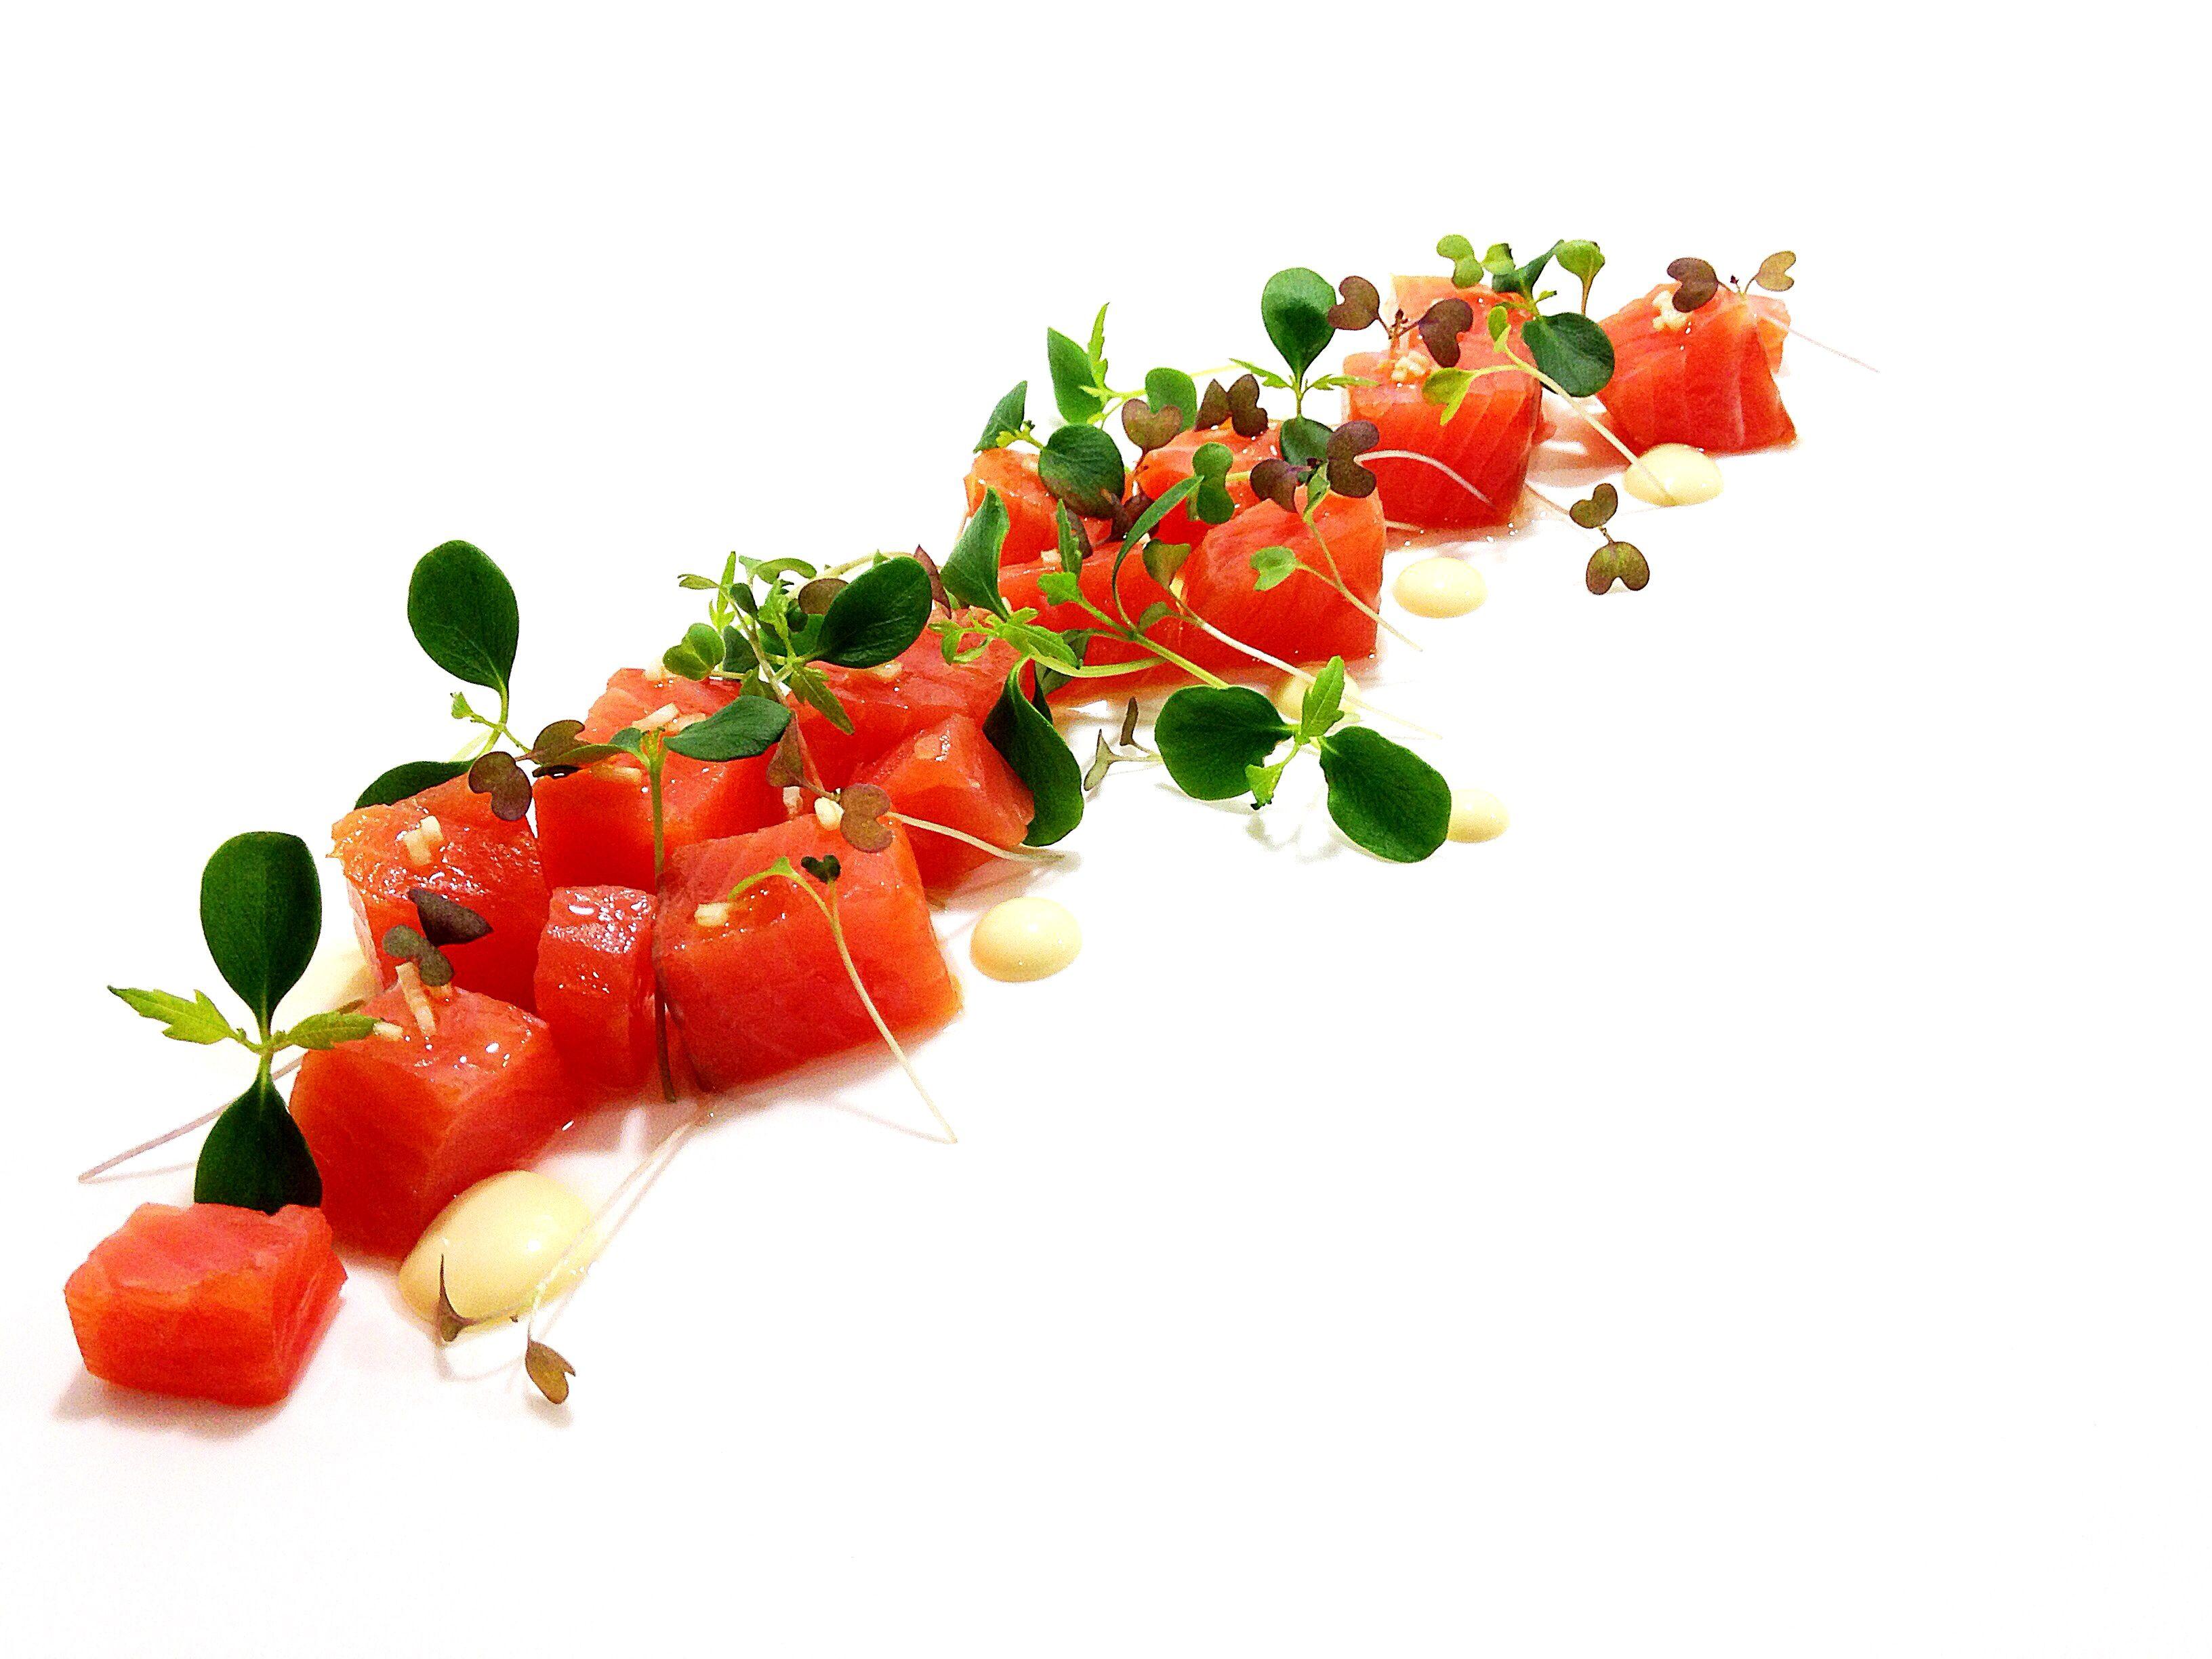 Salmon Ahumado, Germinados y Mahonesa de Eneldo / Smoked Salmon, Sprouts and Dill Mayonaisse